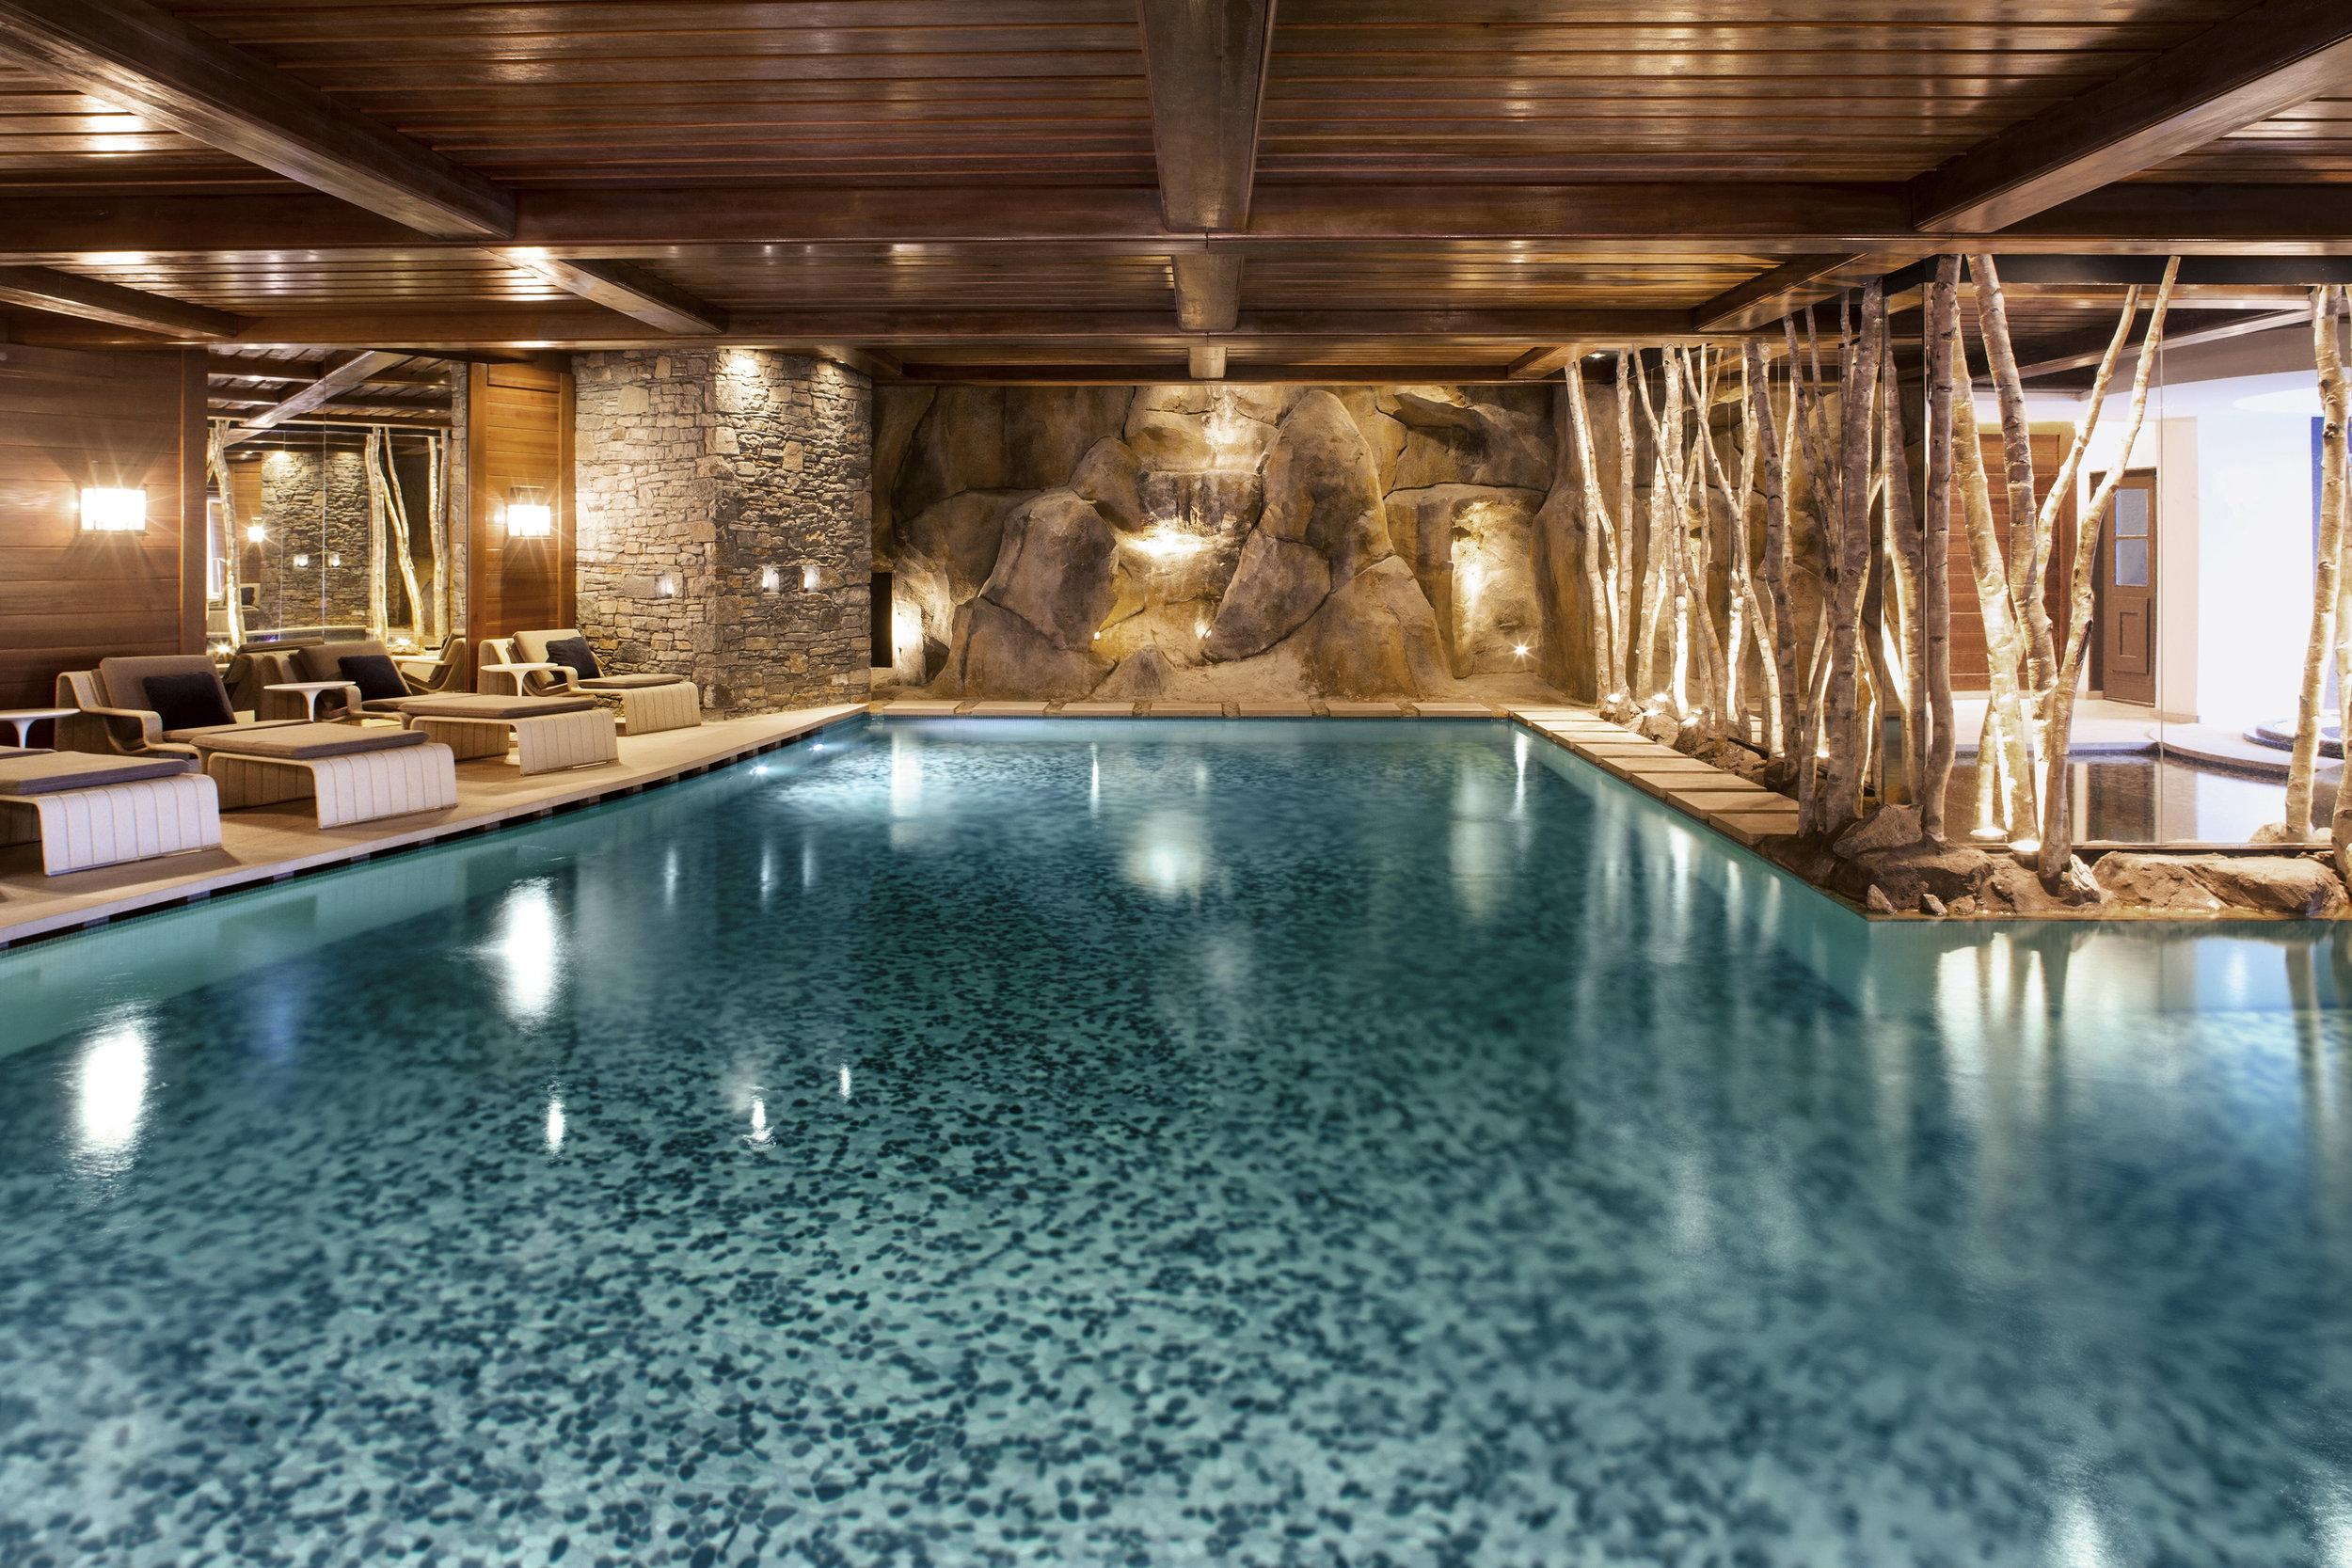 60-piscine-du-spa-spa-pool-s-candito.jpg